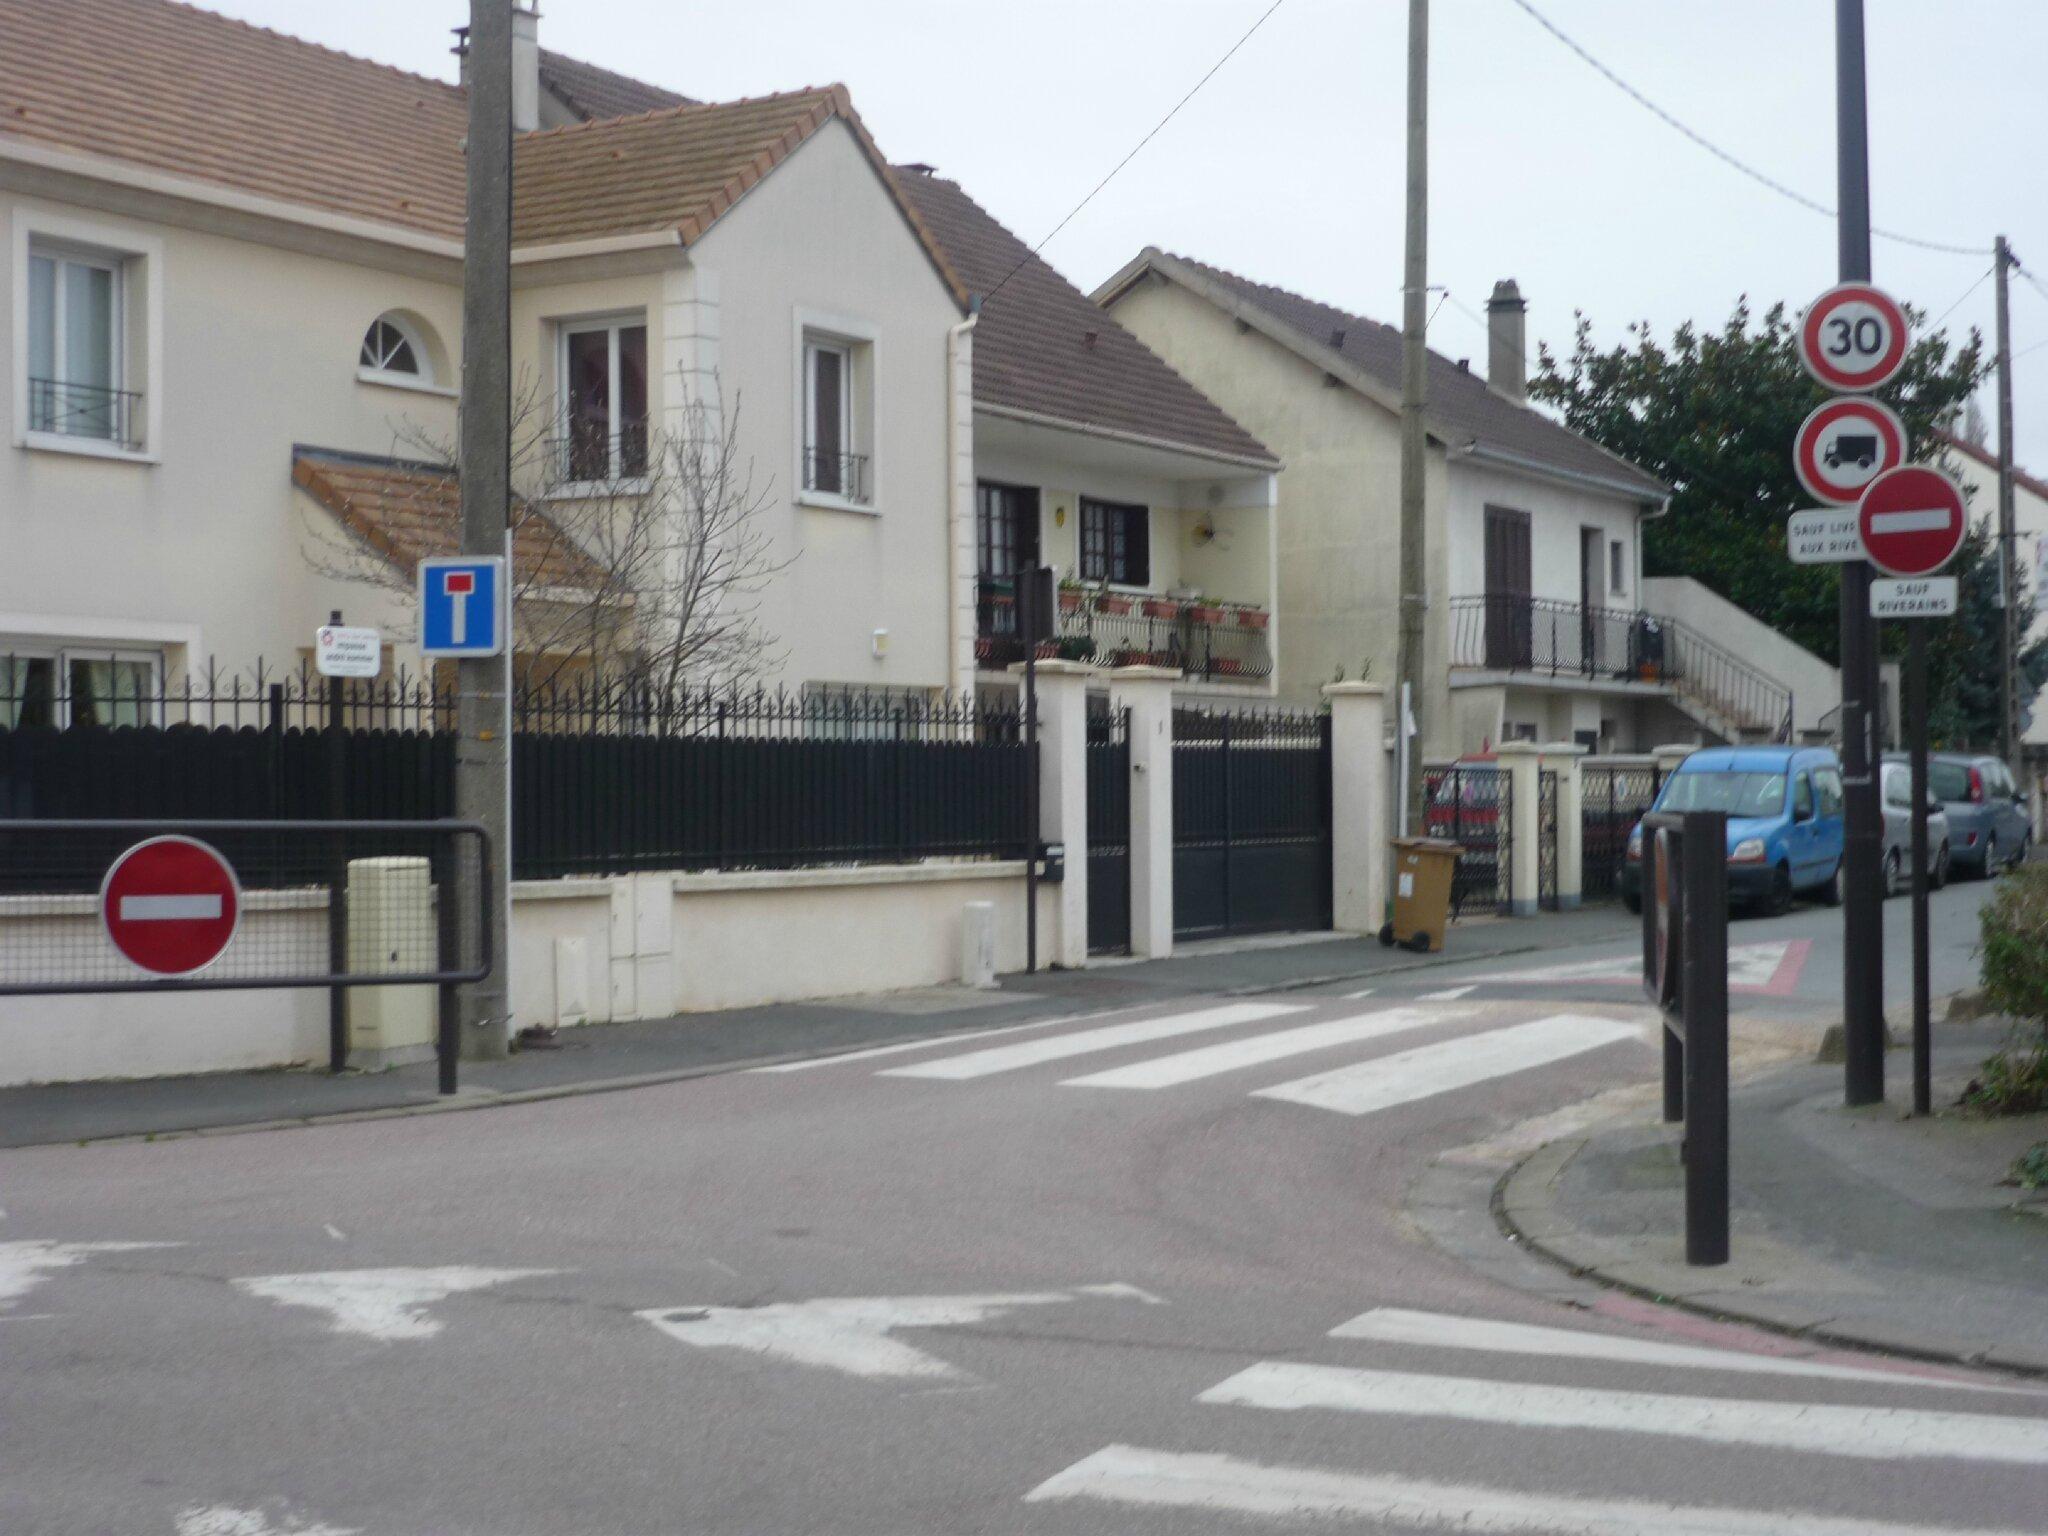 Les voies d' une résidence SEMISE relevant du domaine privé ou public ?